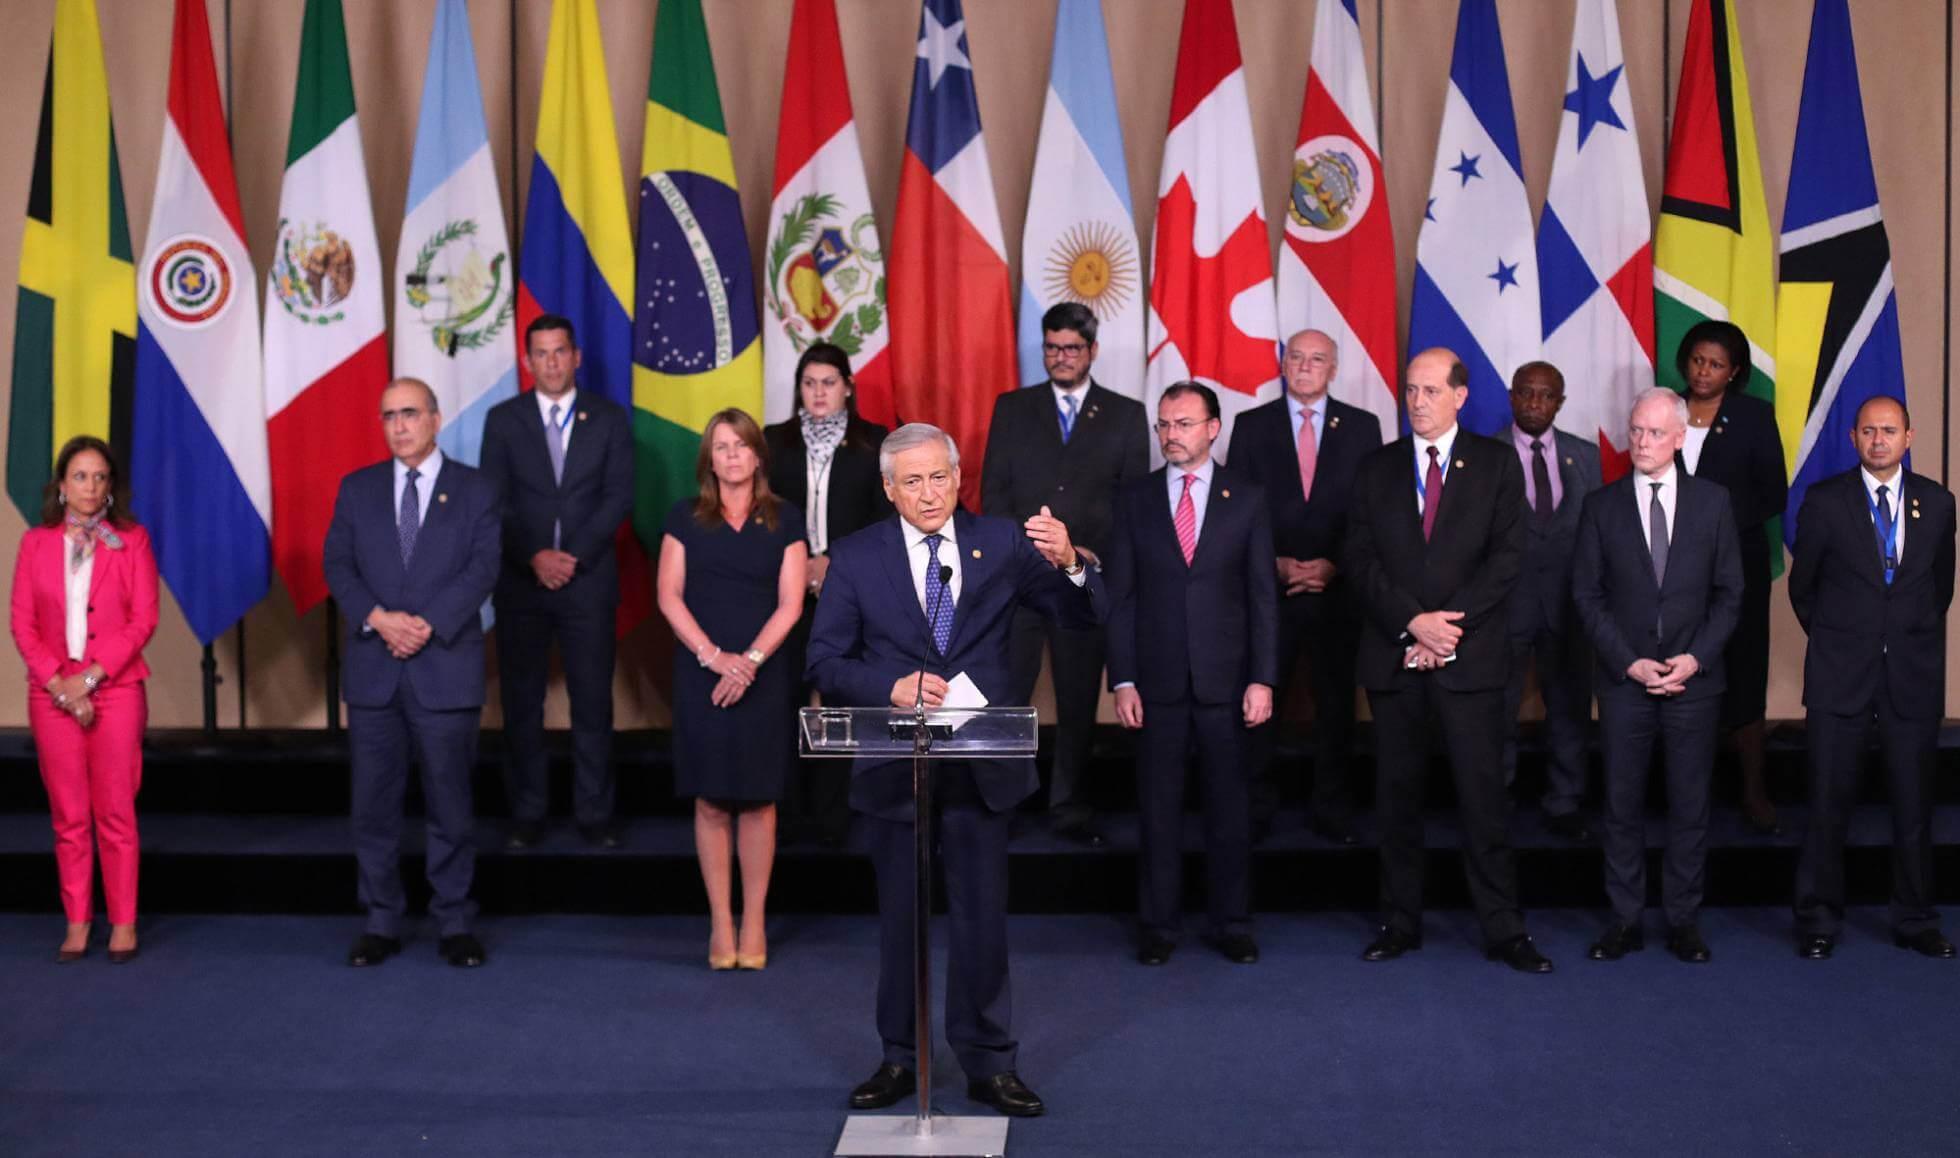 El canciller de Chile, Heraldo Muñoz, durante la declaración del Grupo de Lima. Mario Ruiz EFE